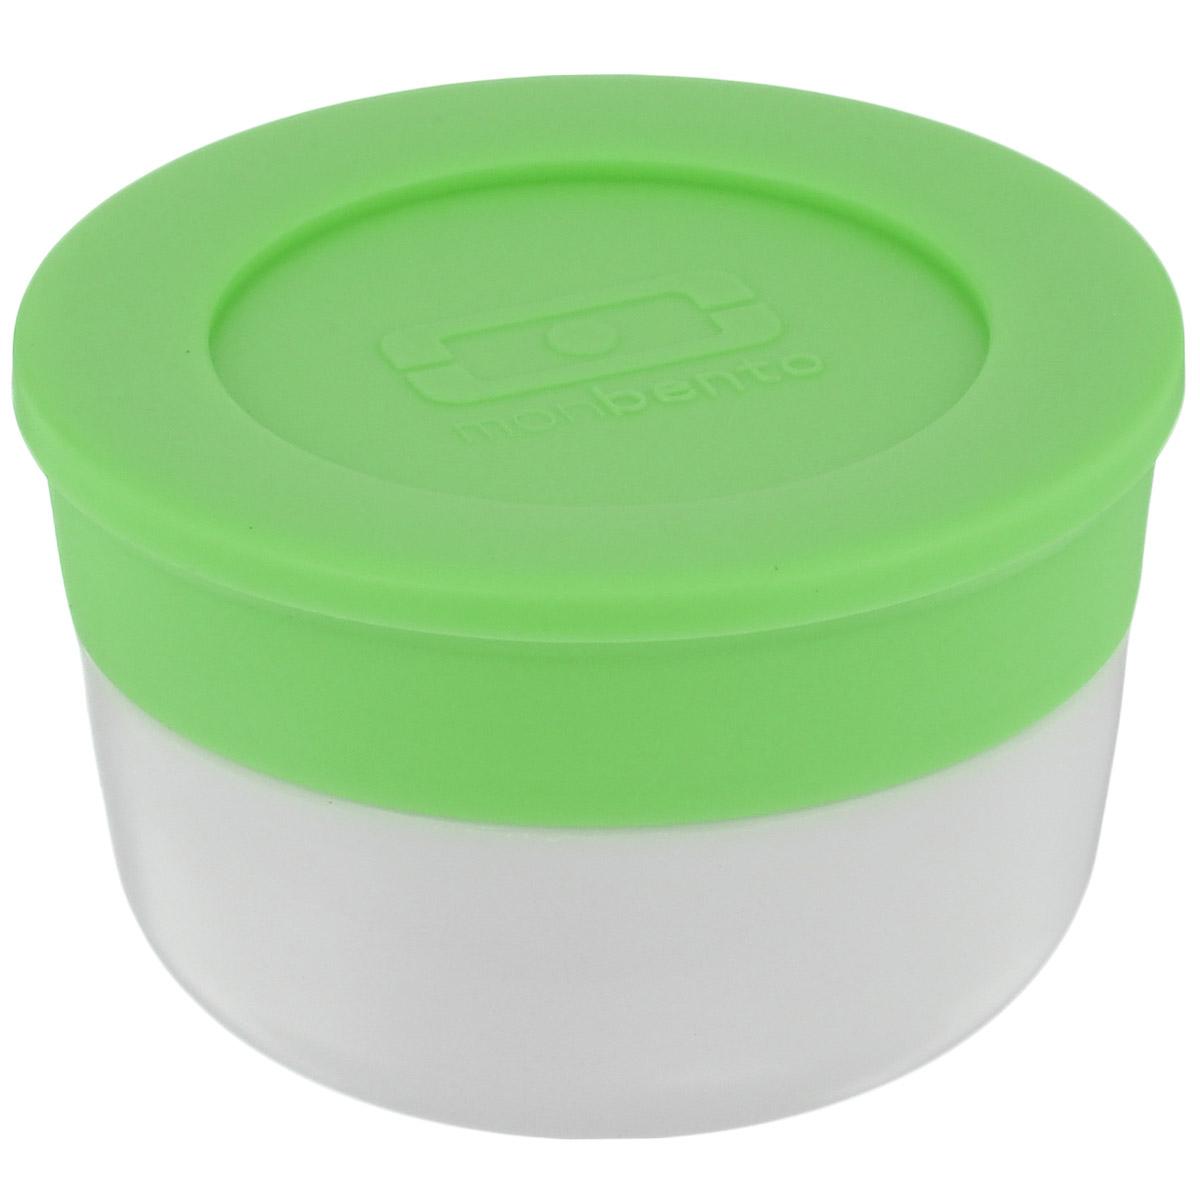 Соусница Monbento MB Temple, с крышкой, цвет: белый, зеленый, диаметр 5 см, 28 мл1005 02 005Соусница с крышкой Monbento MB Temple - удобное дополнение к ланч-боксу, которое позволит заправить соусом салат или гарнир прямо перед едой. Соусница изготовлена из полипропилена и имеет герметичную плотно закручивающуюся силиконовую крышечку. Идеально помещается в ланч-бокс от Monbento, занимая минимум места. Можно мыть в посудомоечной машине, а также хранить в морозильной камере. Диаметр соусницы: 5 см. Объем соусницы: 28 мл. Высота соусницы (с учетом крышки): 3,2 см. Диаметр по верхнему краю: 4,2 см.